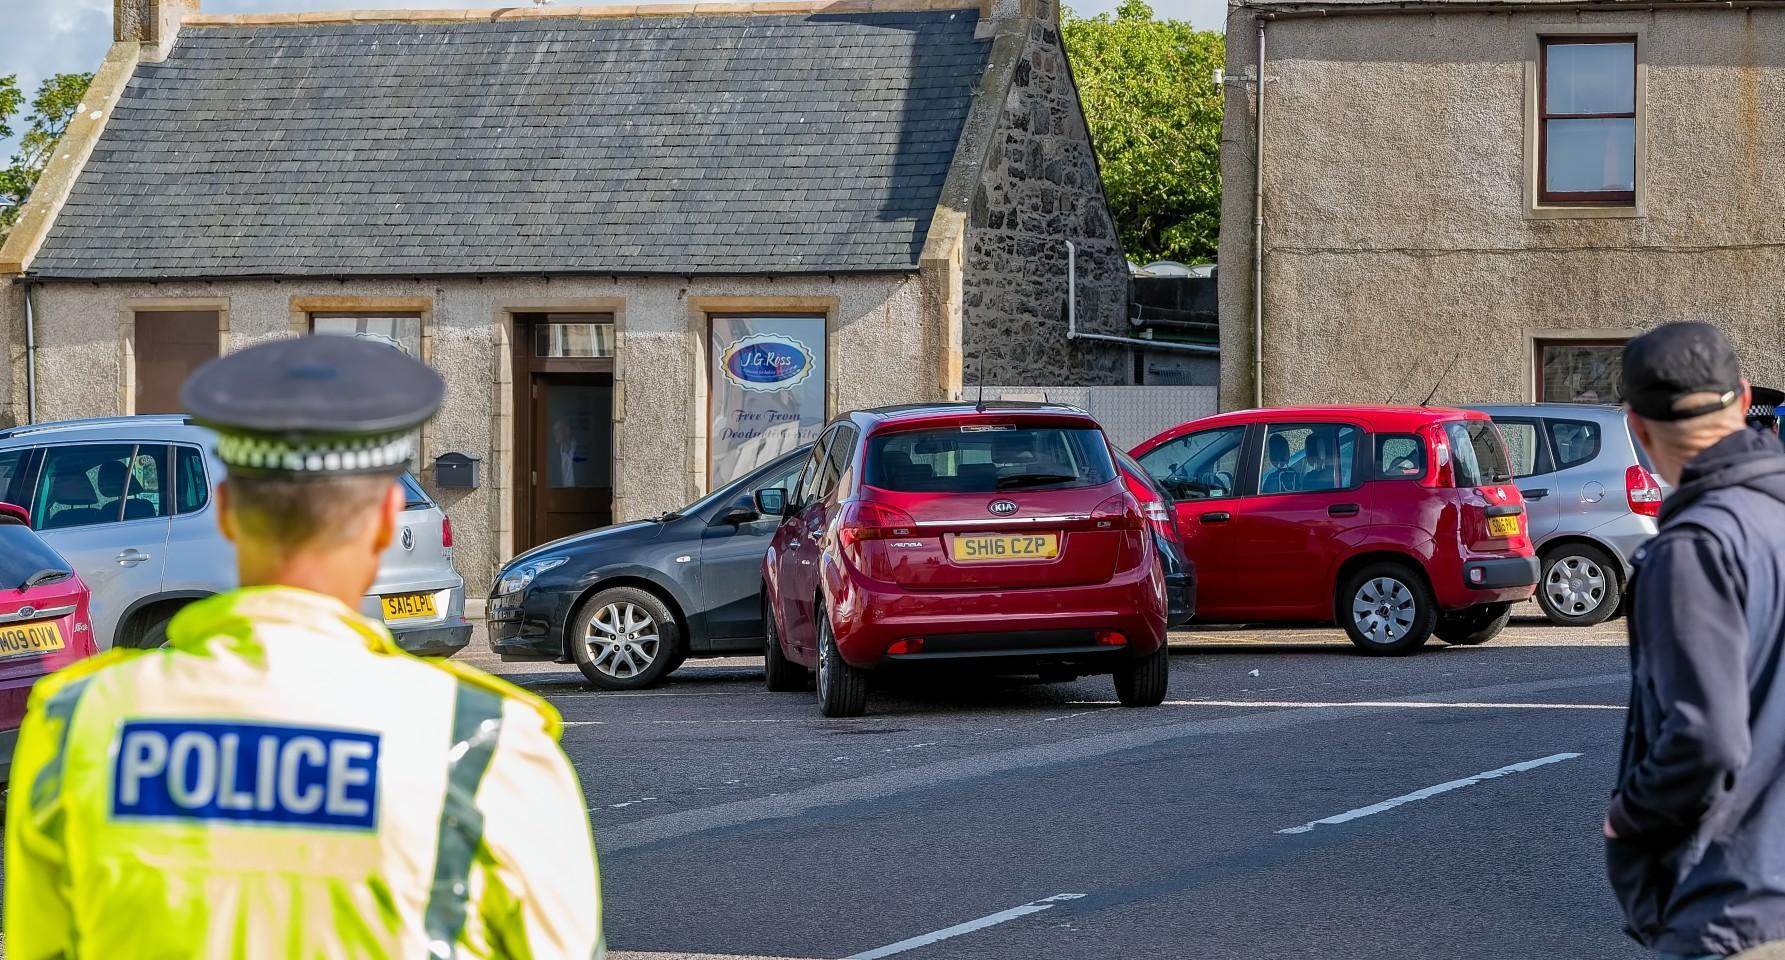 The scene of the crash in Portsoy